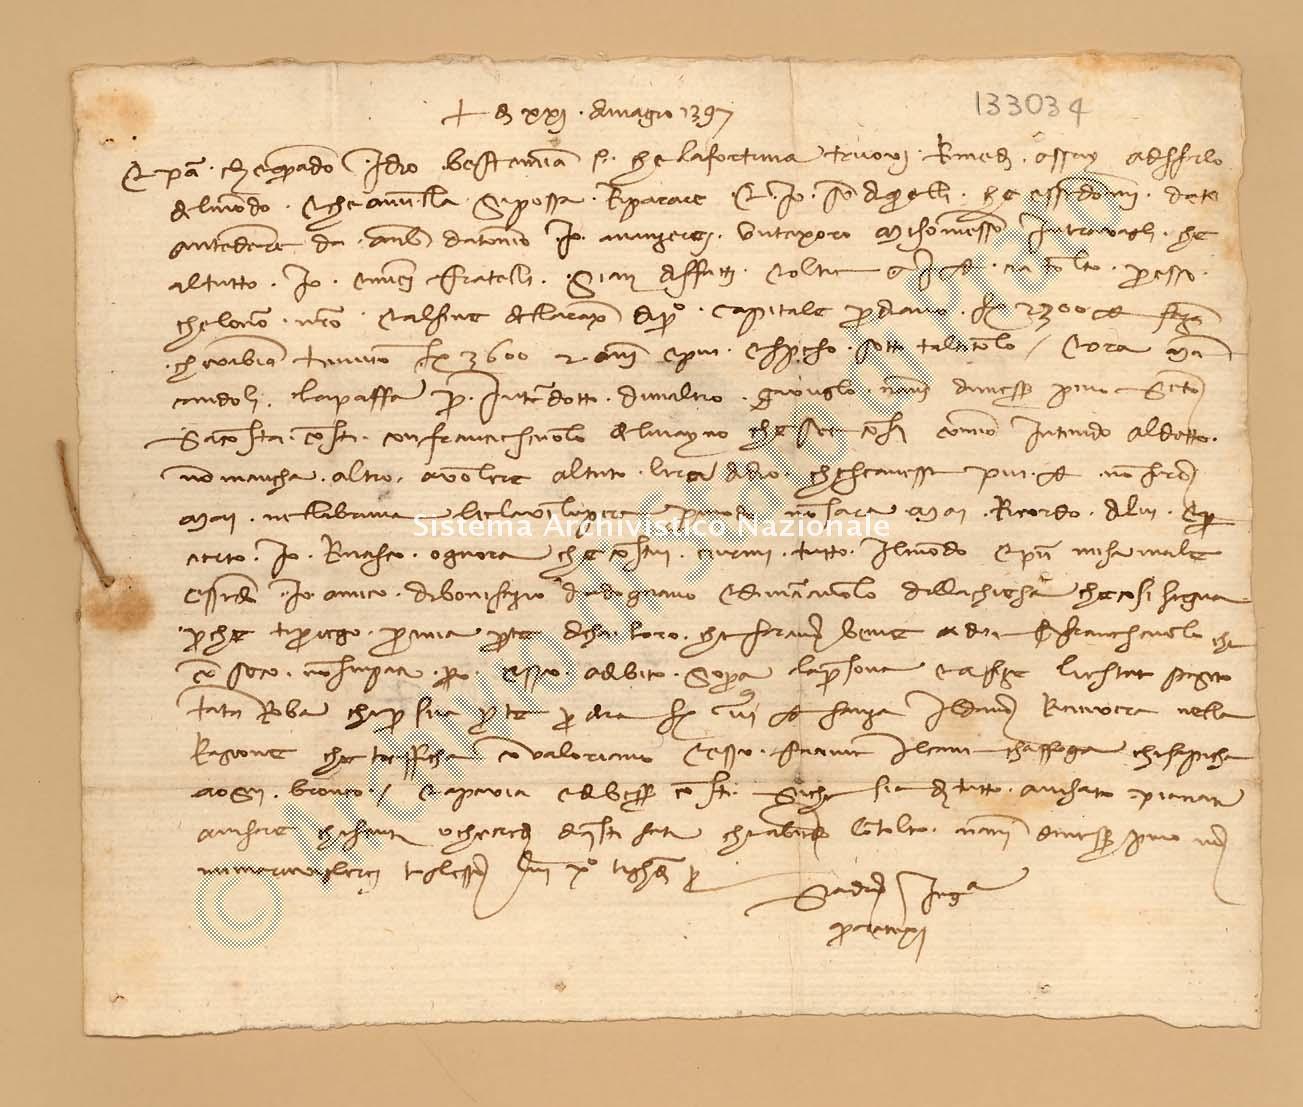 Archivio di Stato di Prato, Fondo Datini, Appendice al carteggio, 1116.132 Lettere Di Quaratesi Sandro a Manni Iacopo, Ser, e Vinciguerra Di Niccolò (busta 1116, inserto 132, codice 133034)